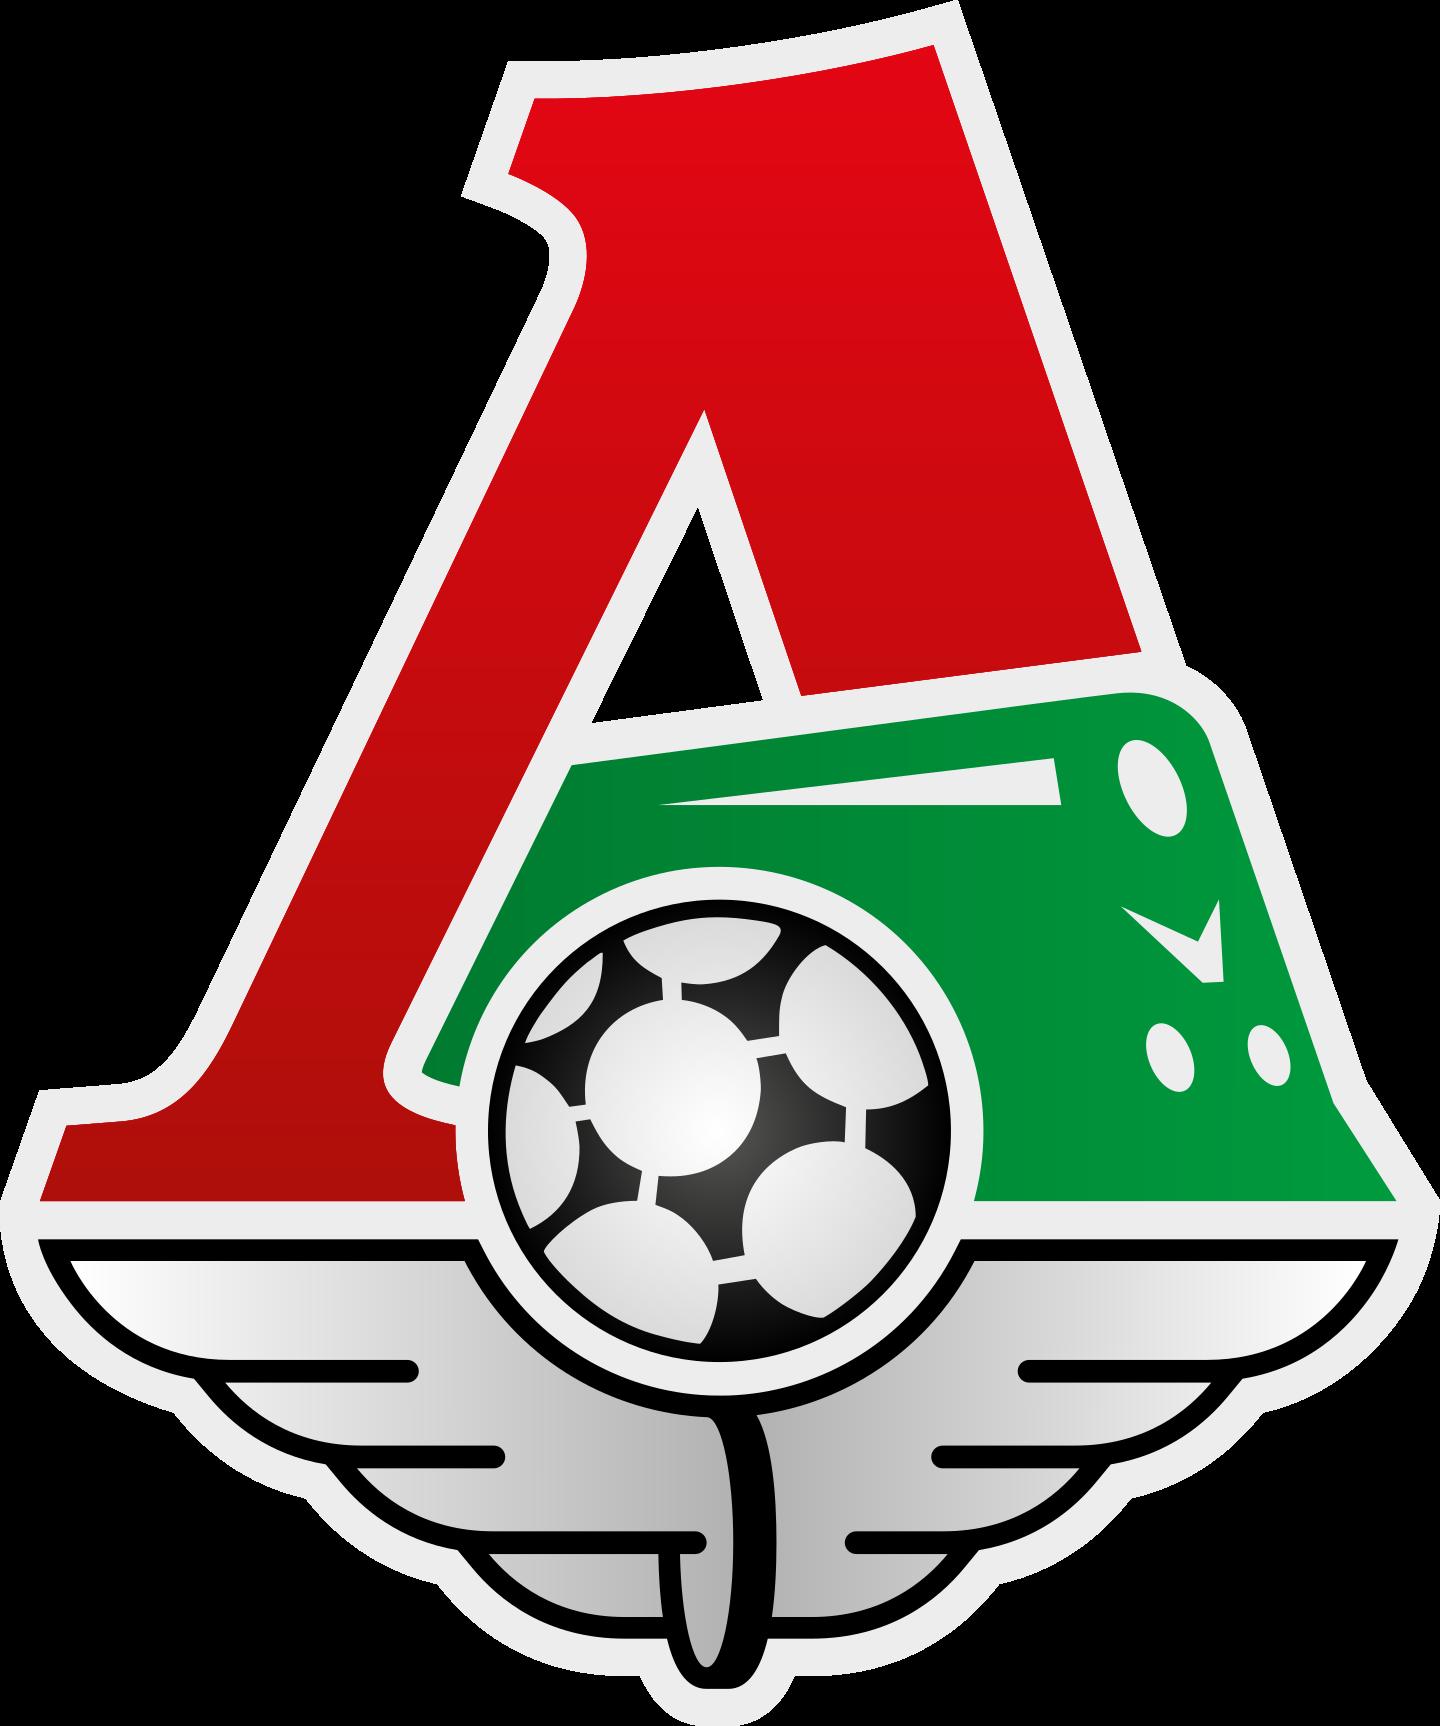 lokomotiv logo 2 - FC Lokomotiv Moscow Logo